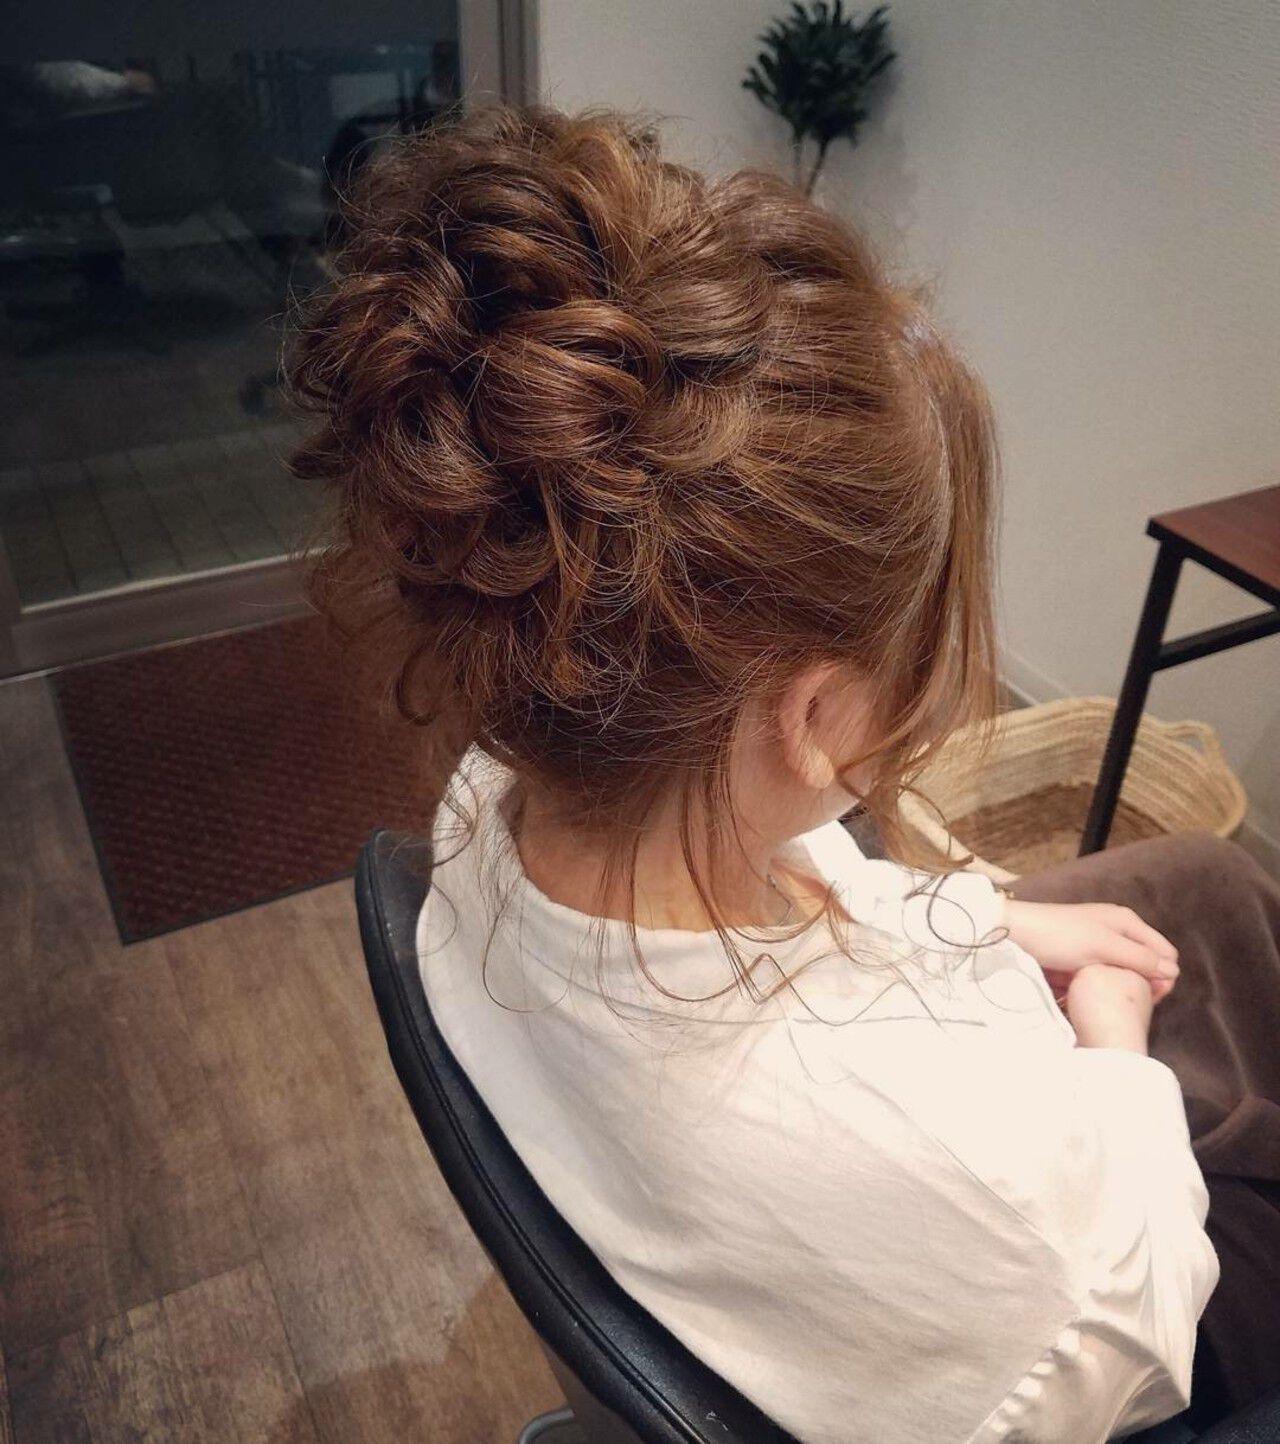 ヘアアレンジ アップスタイル お団子 ミディアムヘアスタイルや髪型の写真・画像